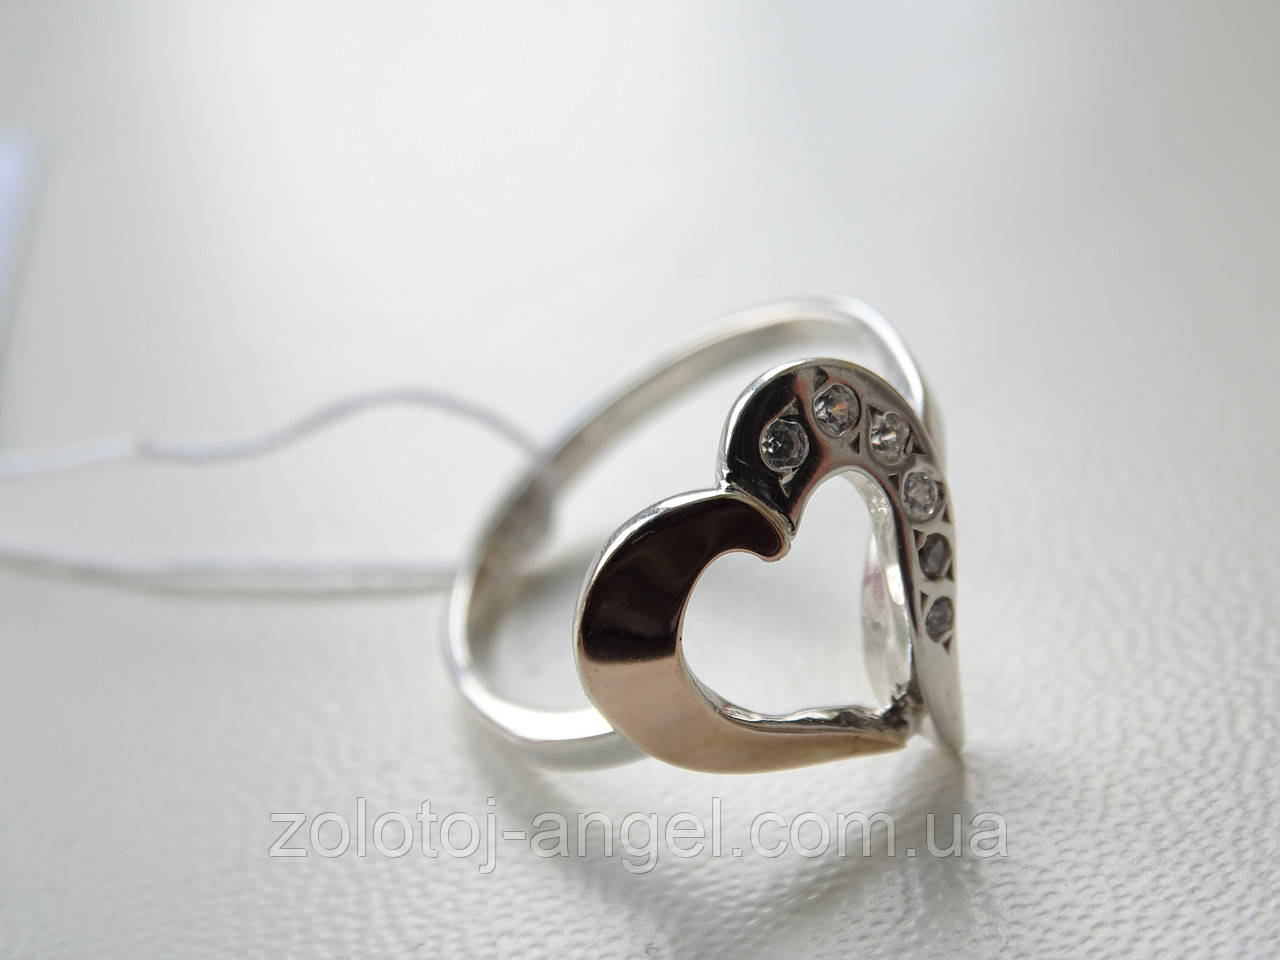 Серебряное кольцо с золотой пластинкой - Золотой Ангел  в Краматорске